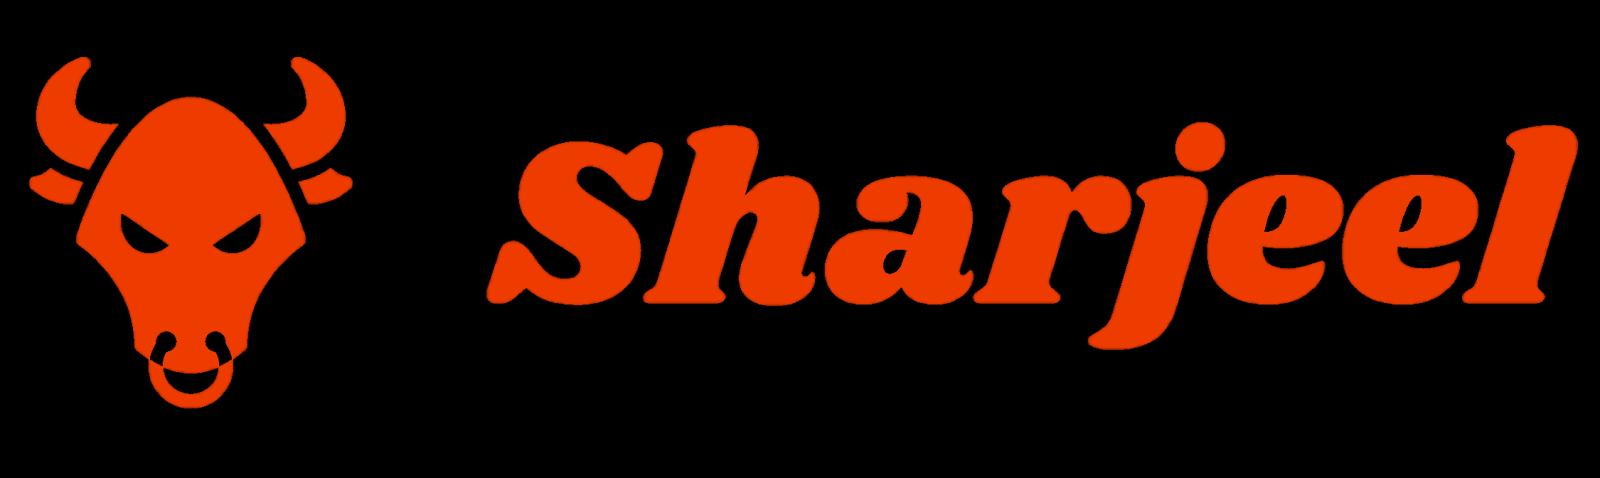 Sharjeel Blog